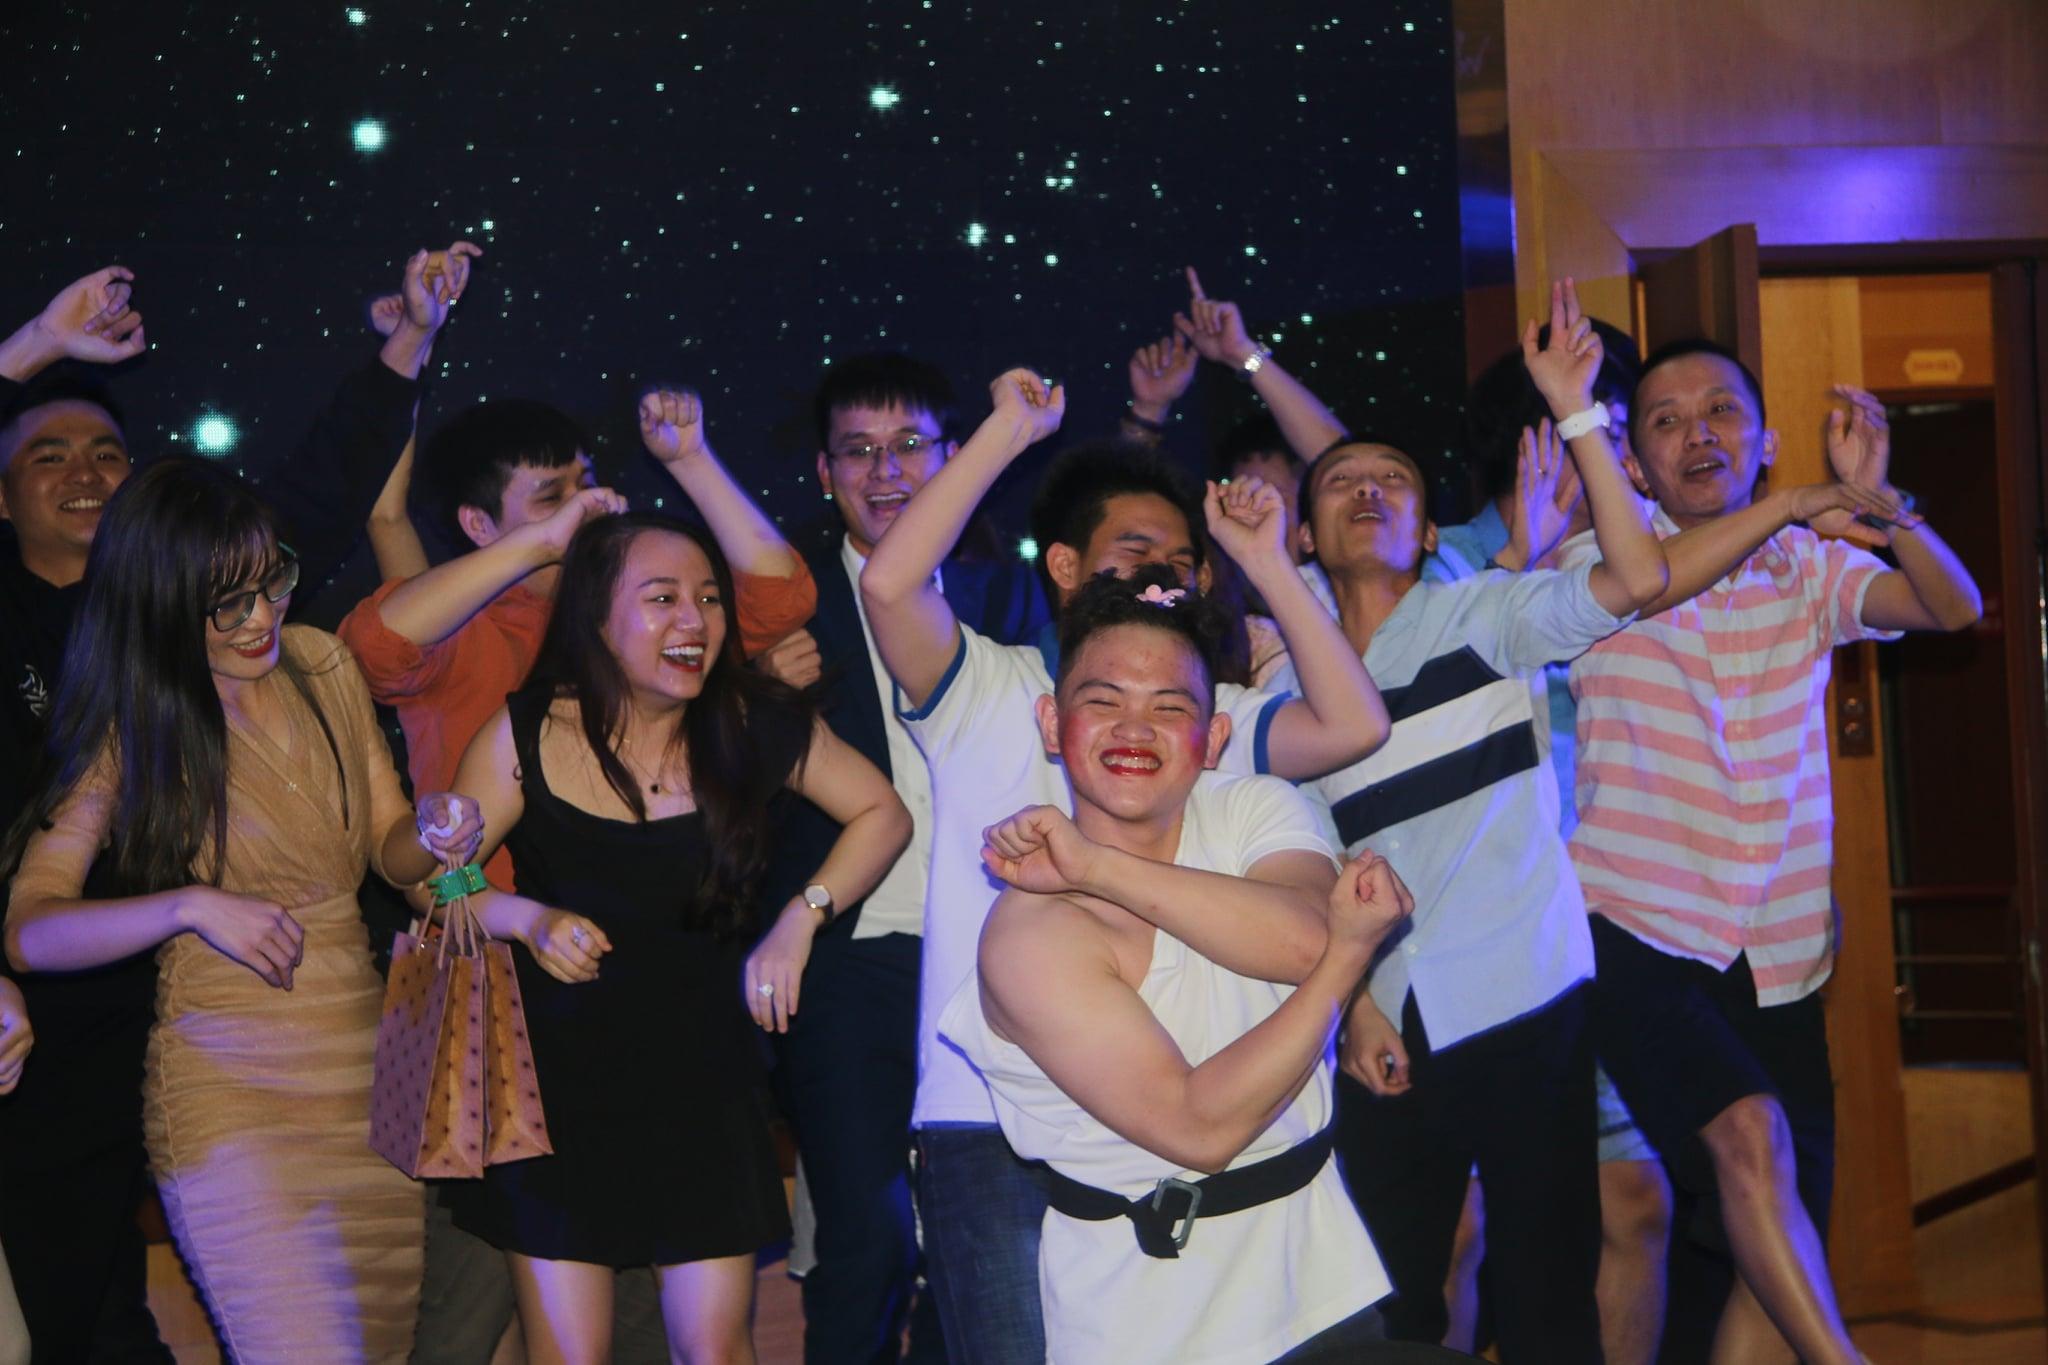 gala dinner Phần mềm Ninja: Hành trình khám phá Hạ Long 2020, Kết sức mạnh   Nối thành công